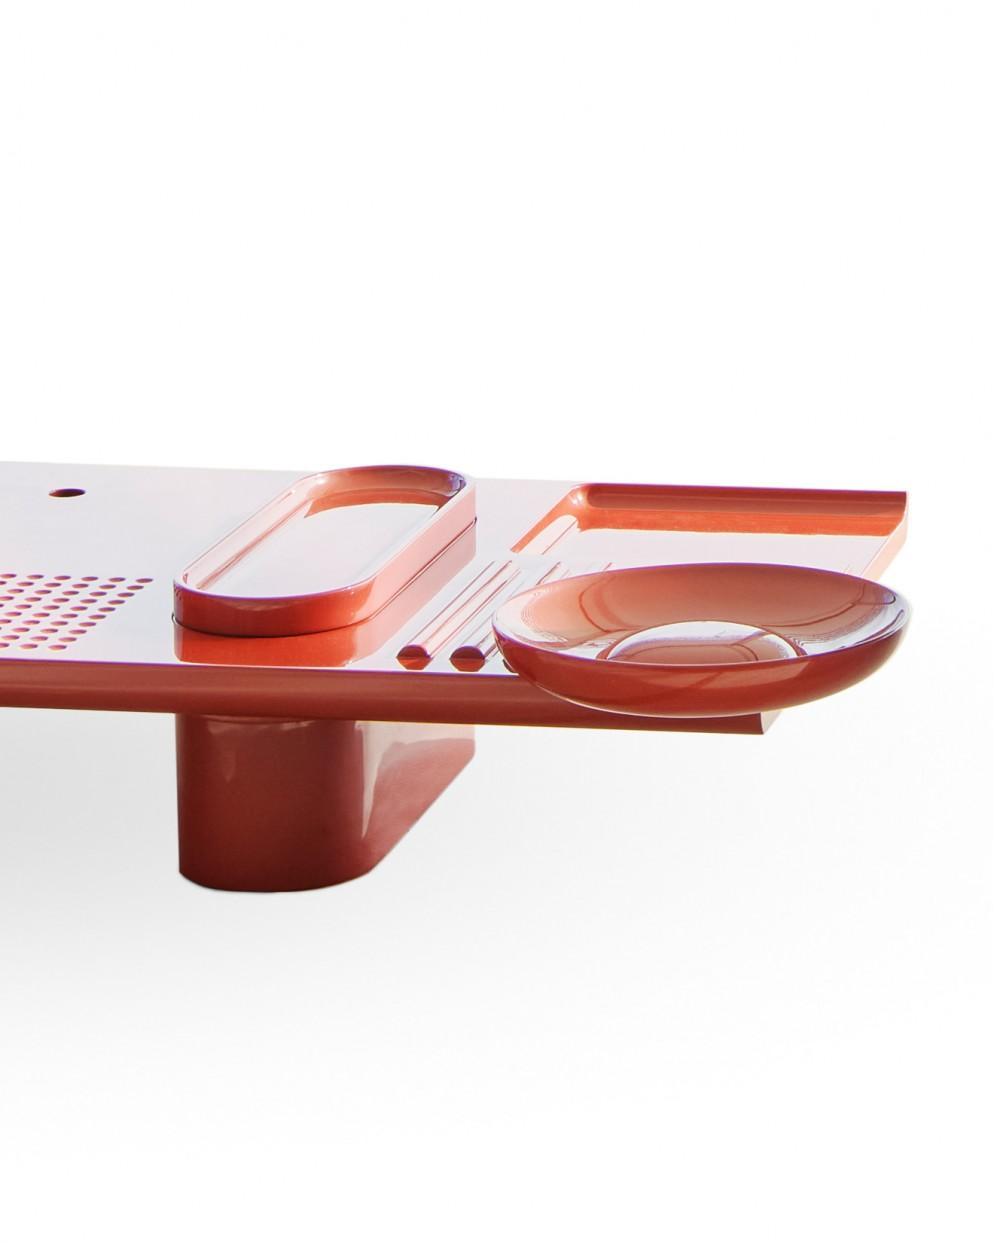 tavoli-scrivanie-smart-working-design-08